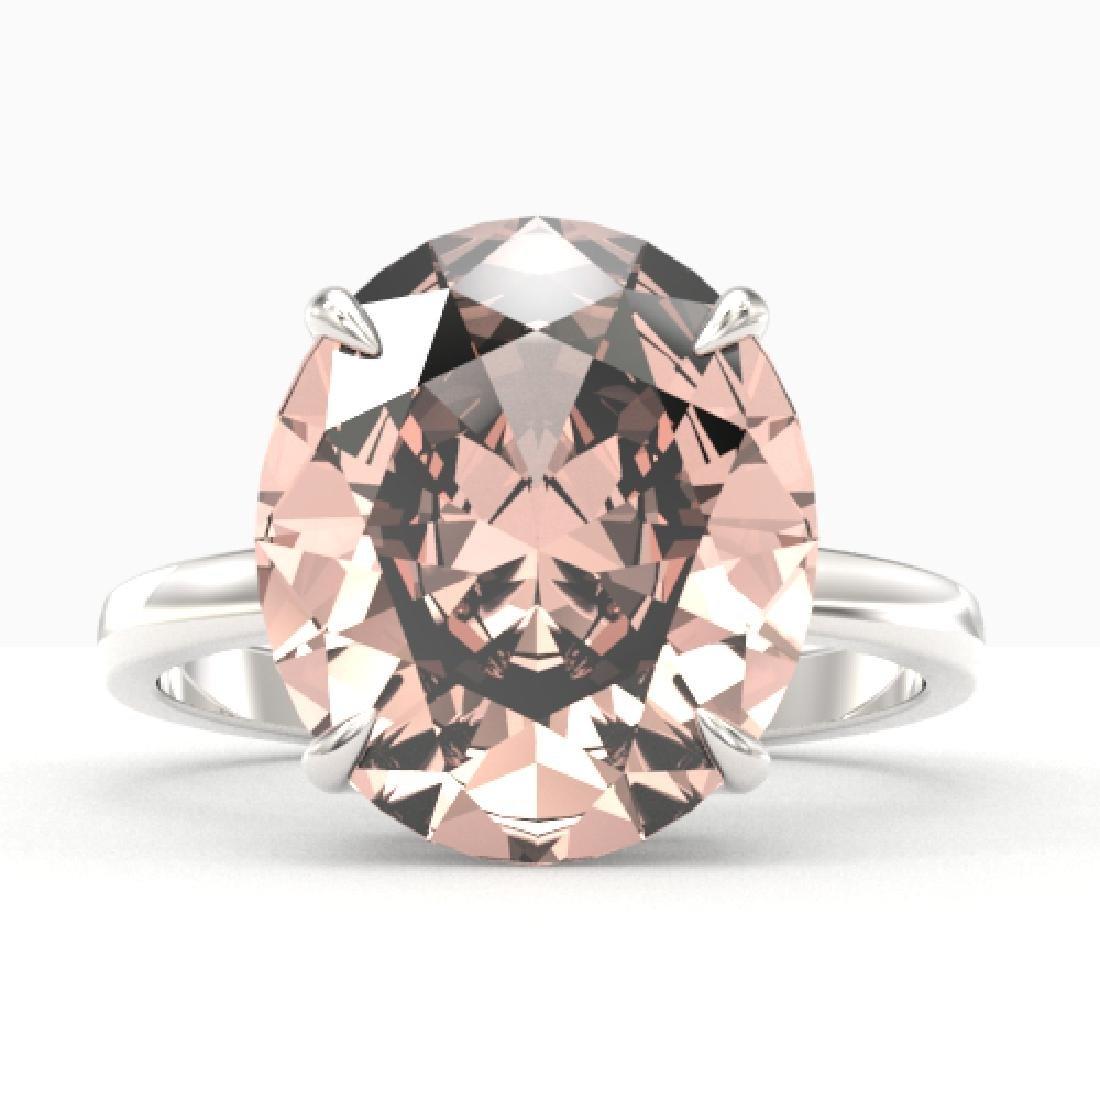 9 CTW Morganite Designer Solitaire Engagement Ring 18K